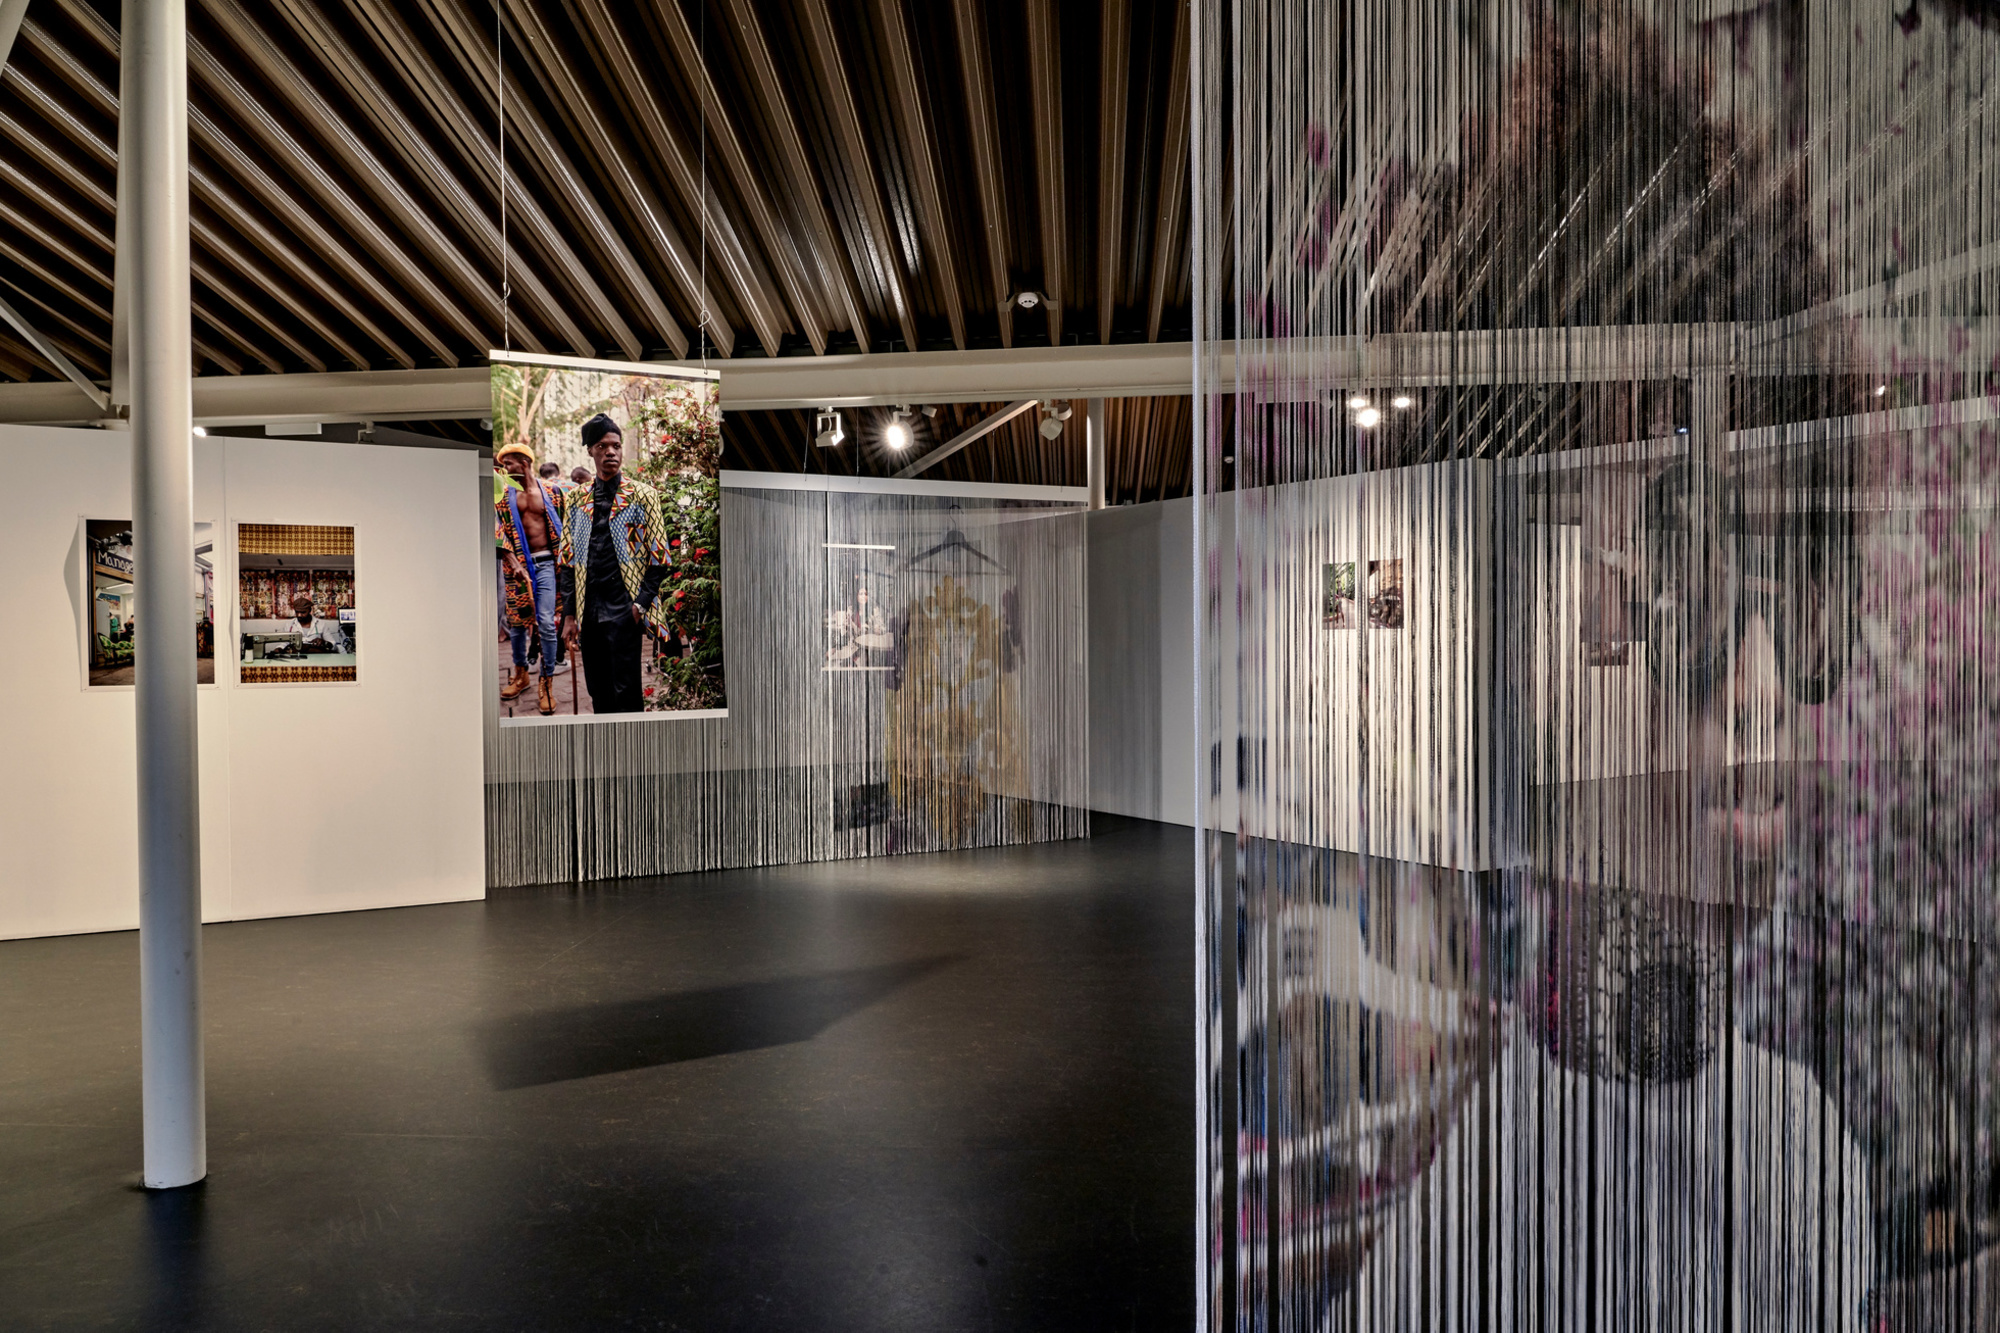 Textiel in Verzet: Africa is Coming, MoMu Antwerp, Foto: Stany Dederen.